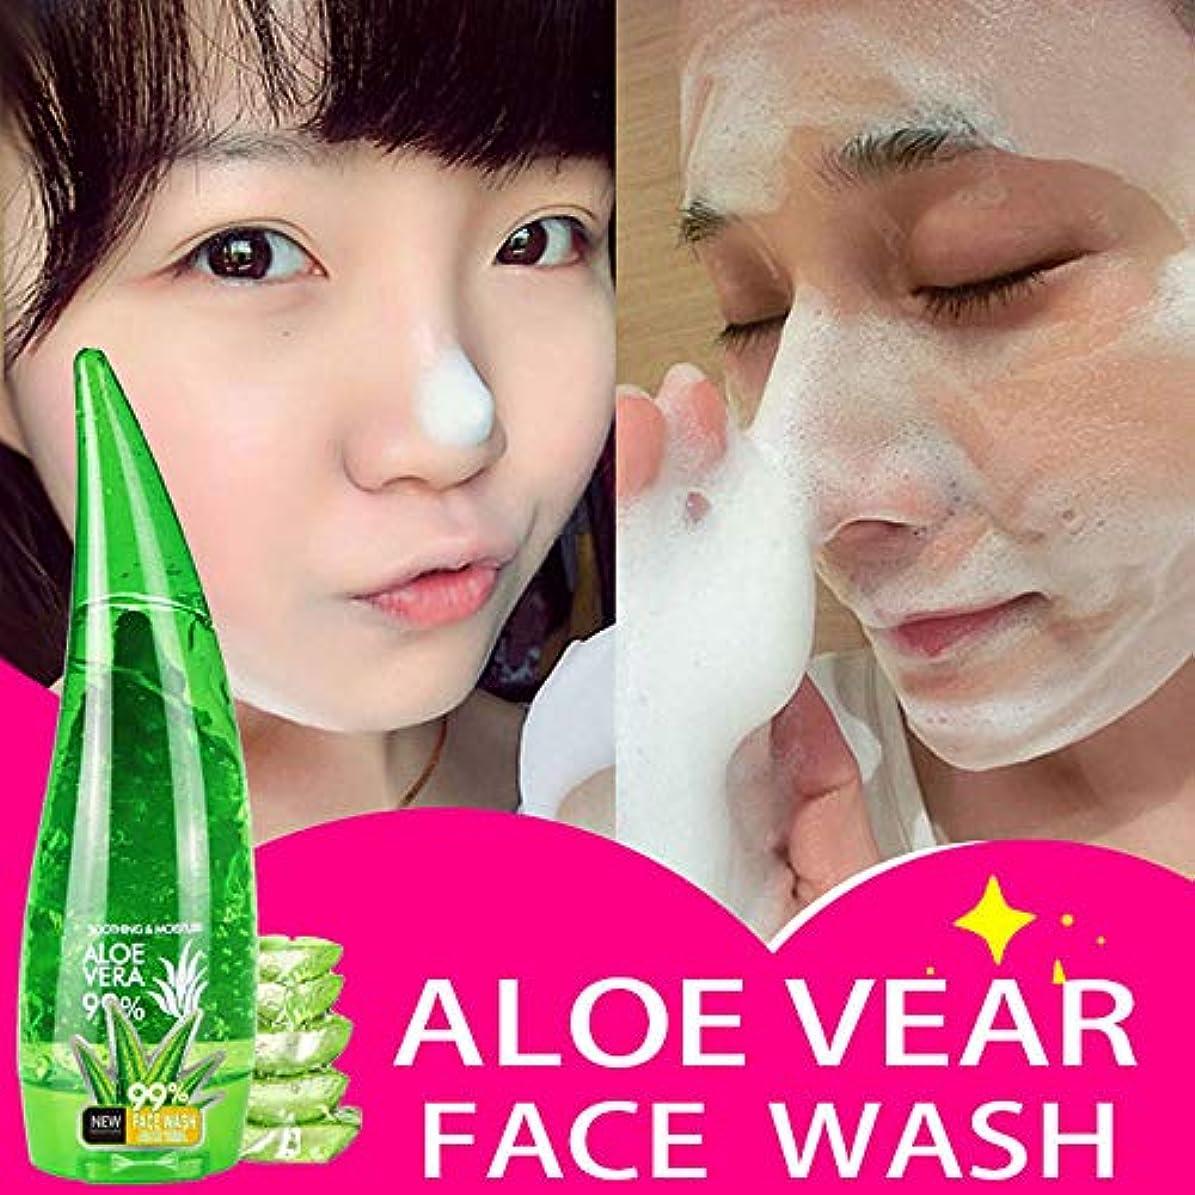 コマース乏しいほとんどないAkane Pretty Cowry 顔洗い 綺麗に 素敵 水分補給 保湿 角質除去 クレンジング 浄化 オイルコントロール ジェル 使いやすい 洗顔料 アロエクリーム